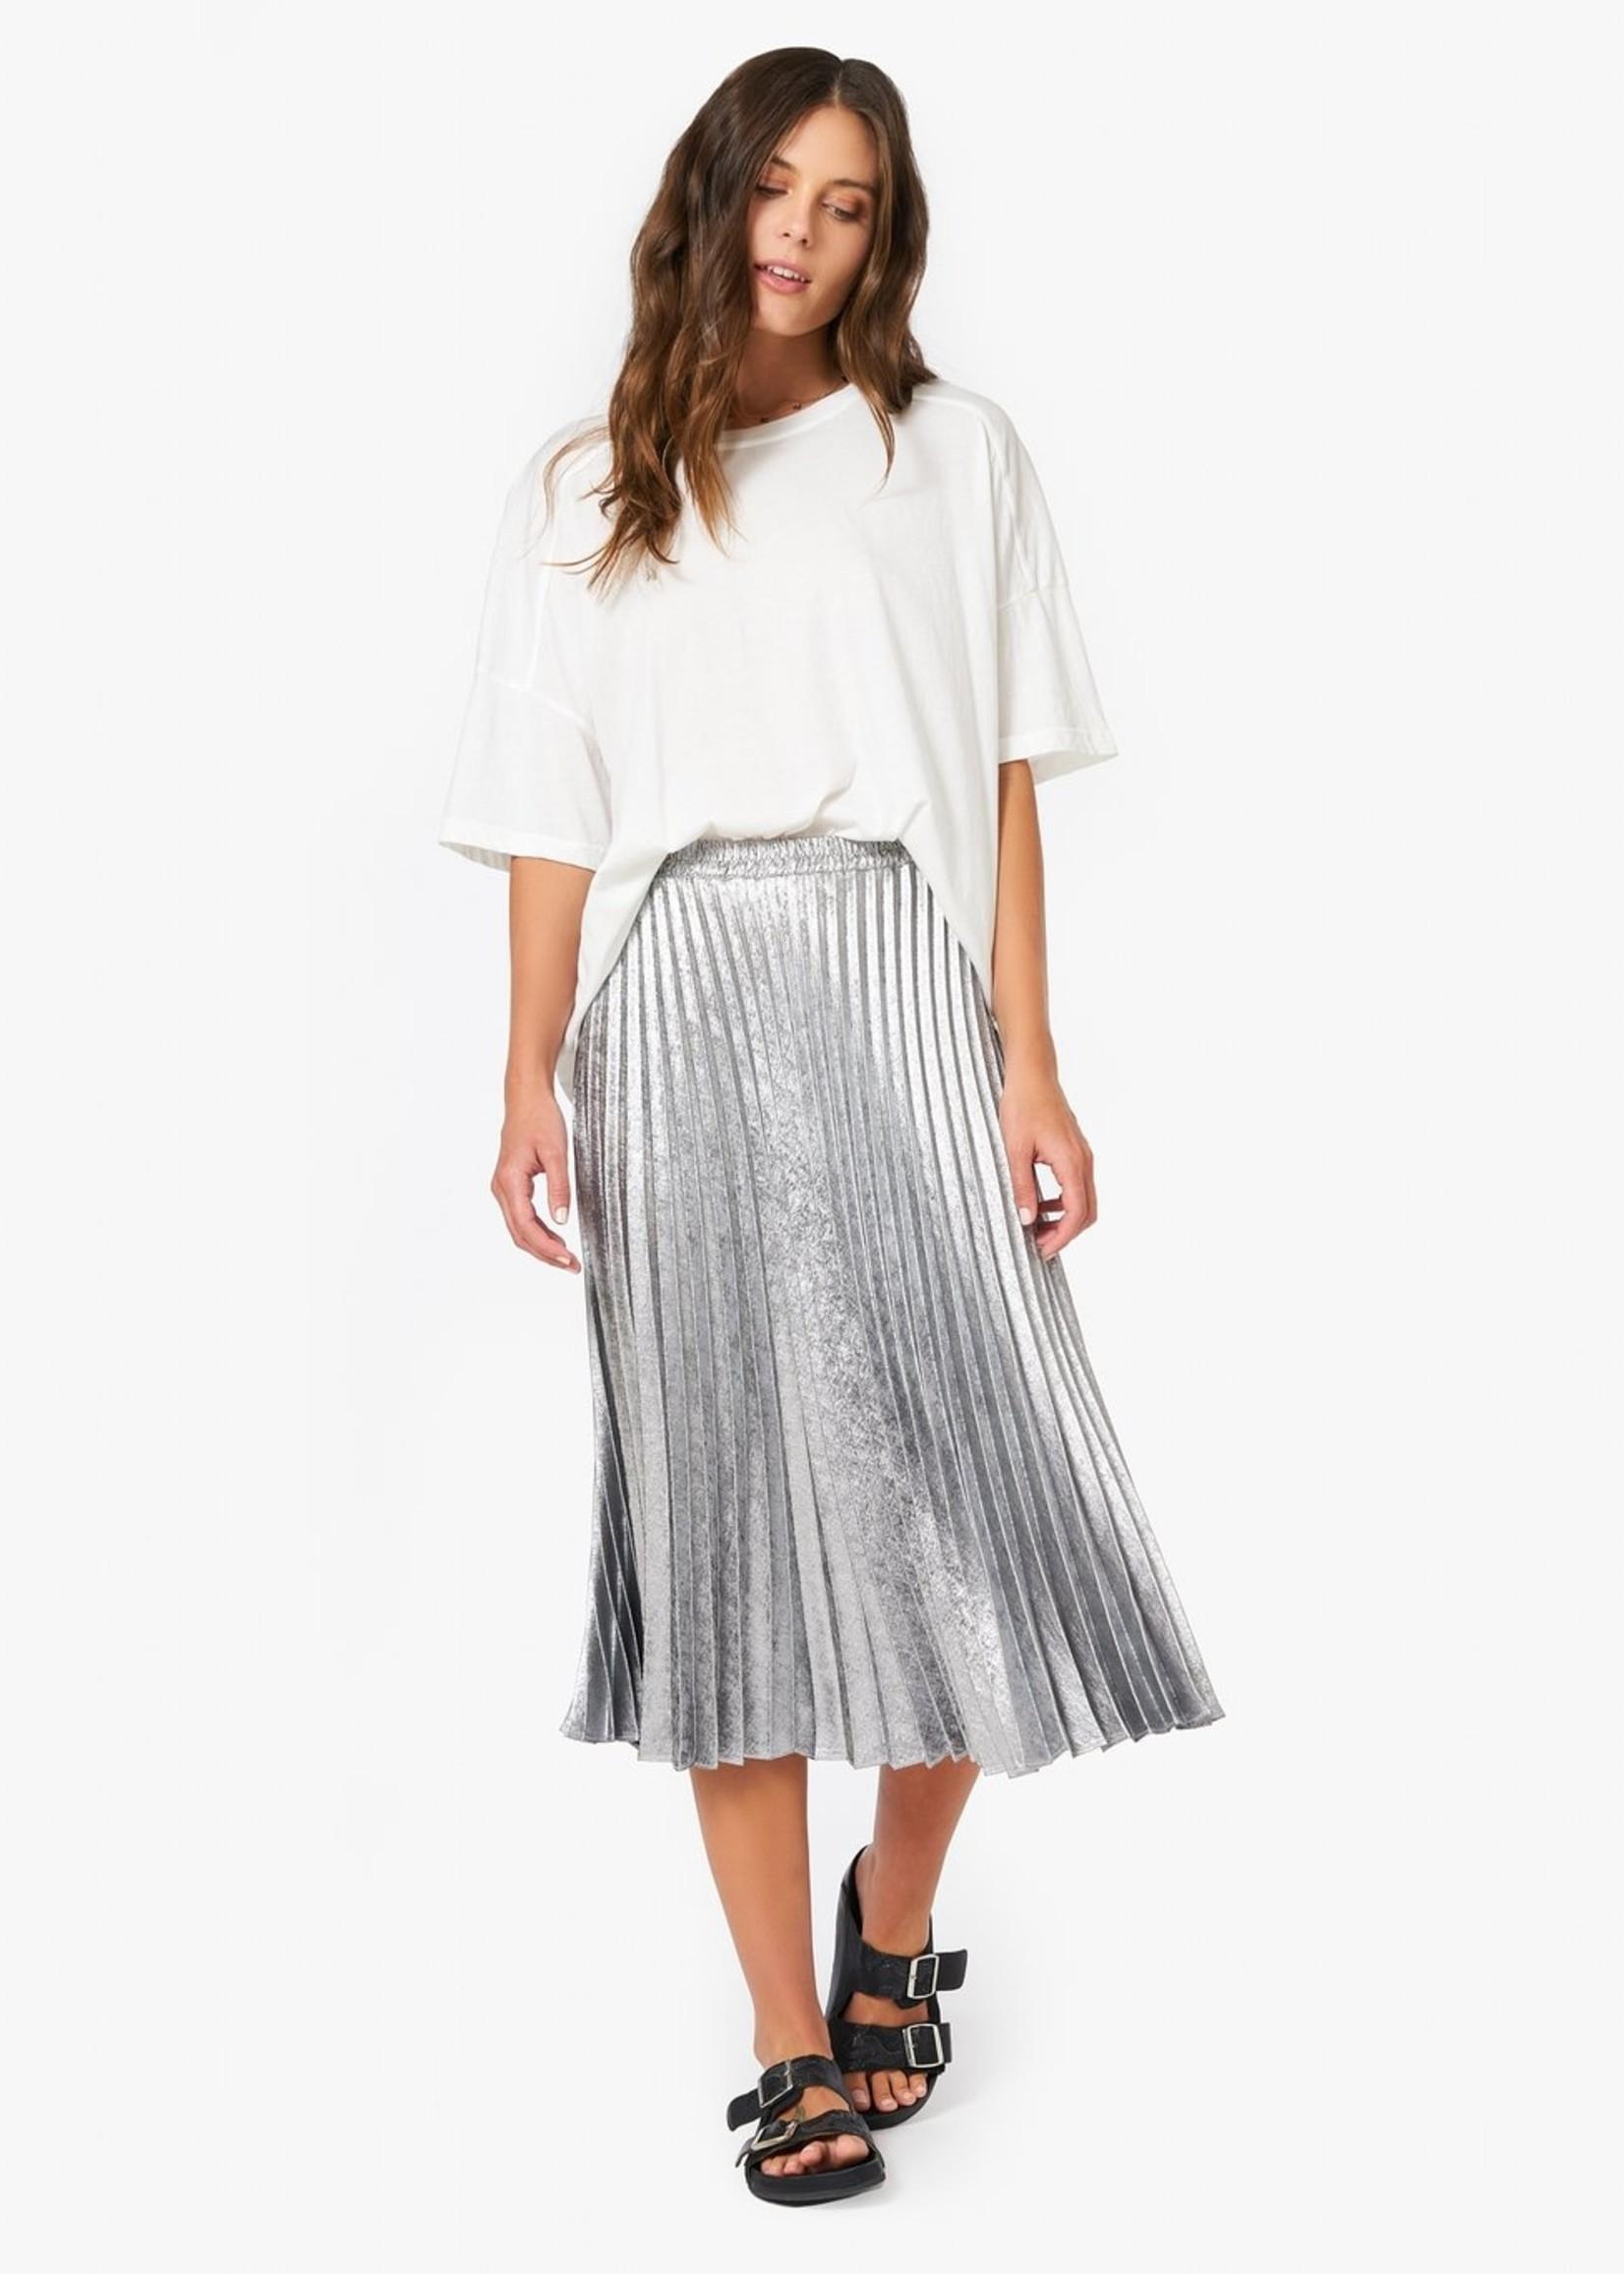 xirena xirena queen pleated skirt silver